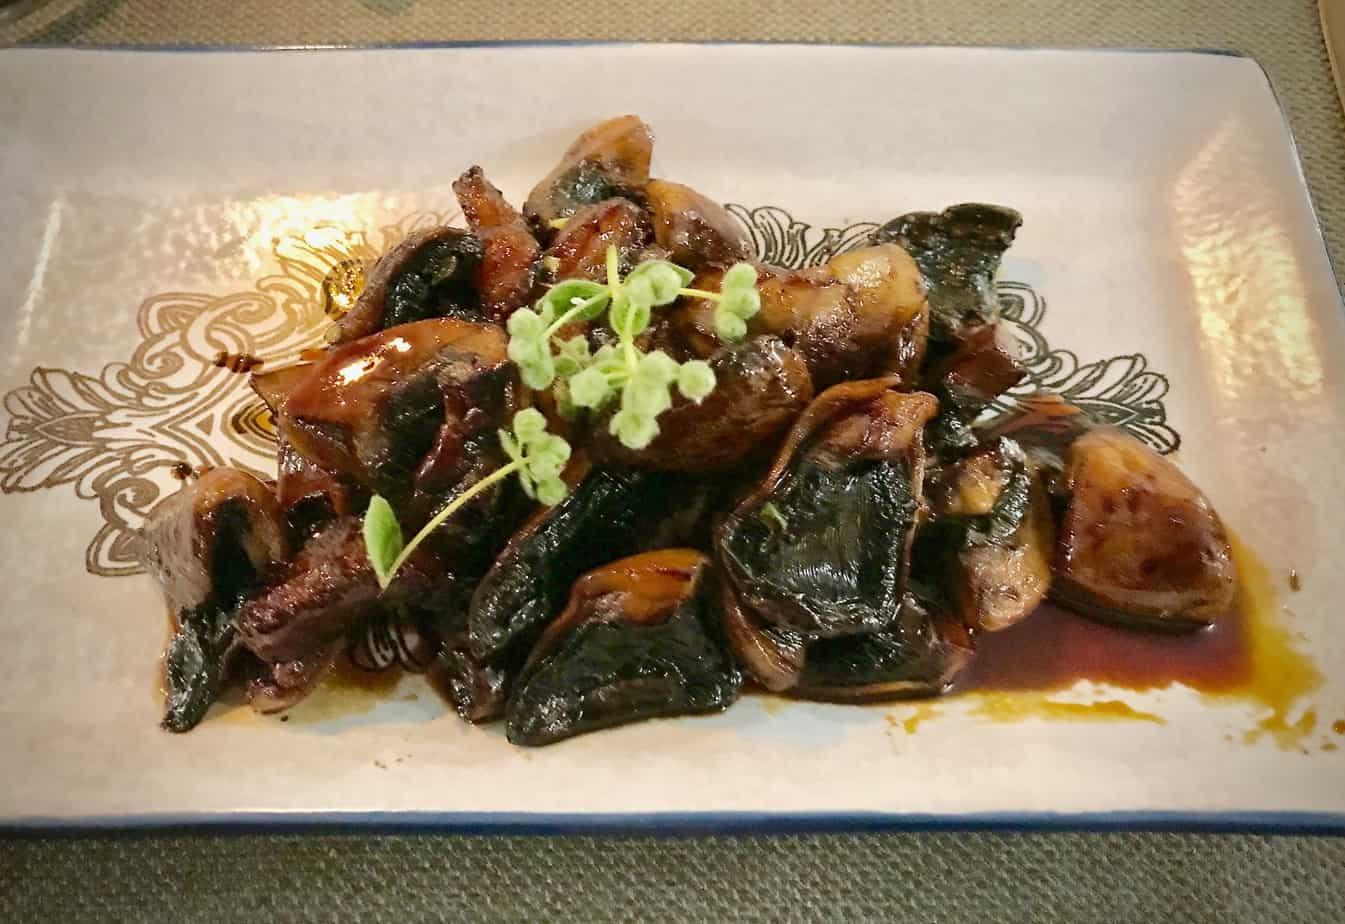 Mushrooms in petimezi sauce.